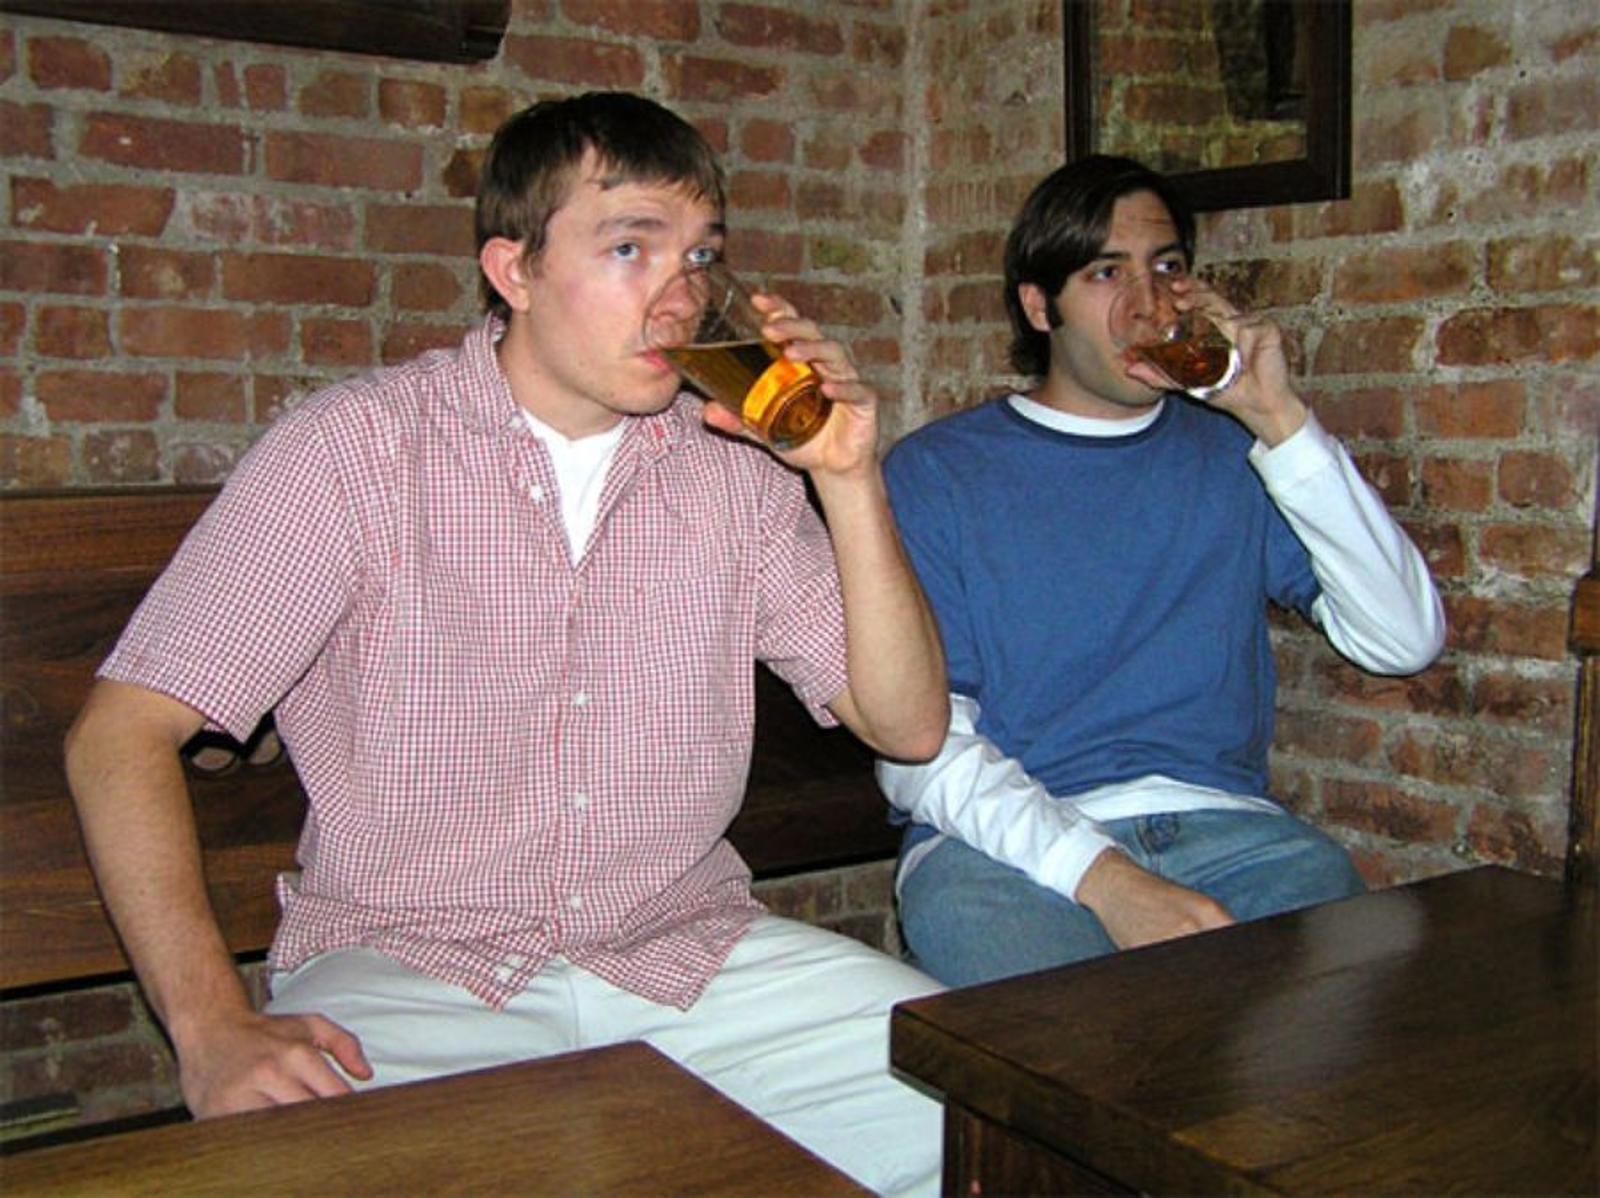 Having-One-Beer Plan Goes Awry